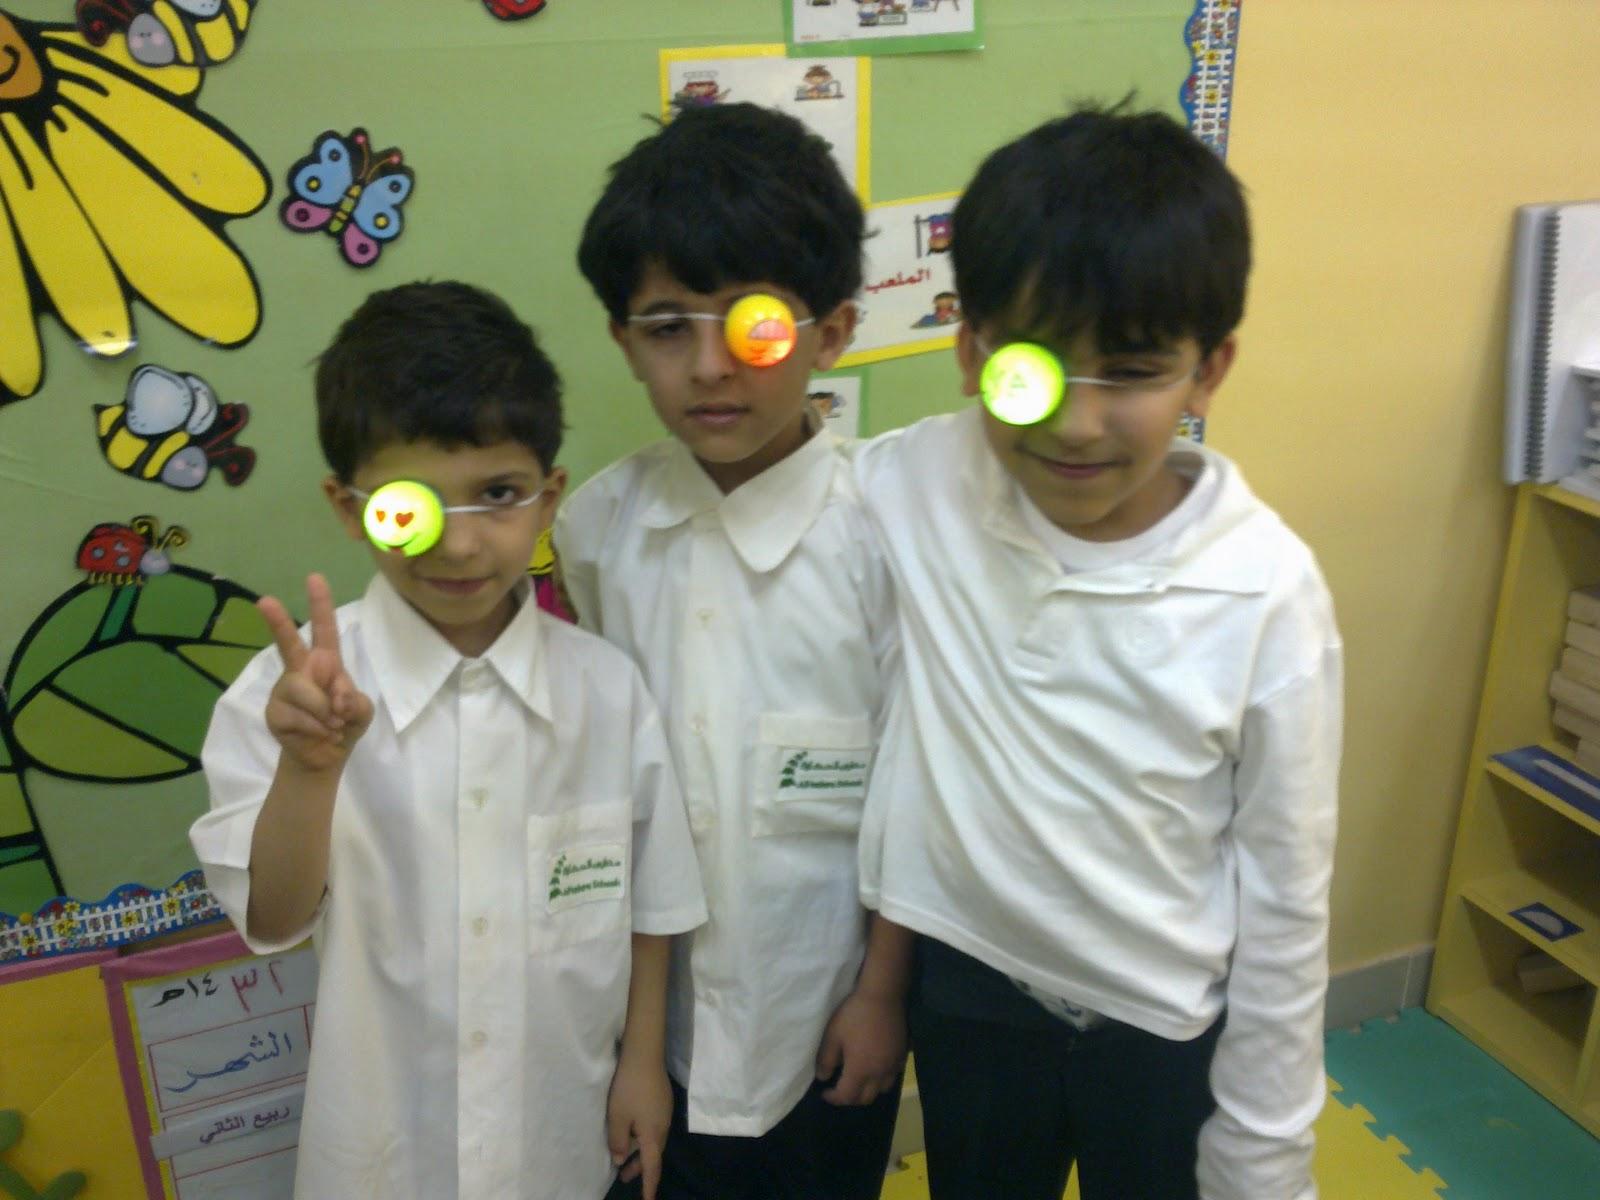 دانة العليان Pinterest: تمهيدي (5) مدارس الحضارة الأهلية: برنامج الأم الزائرة